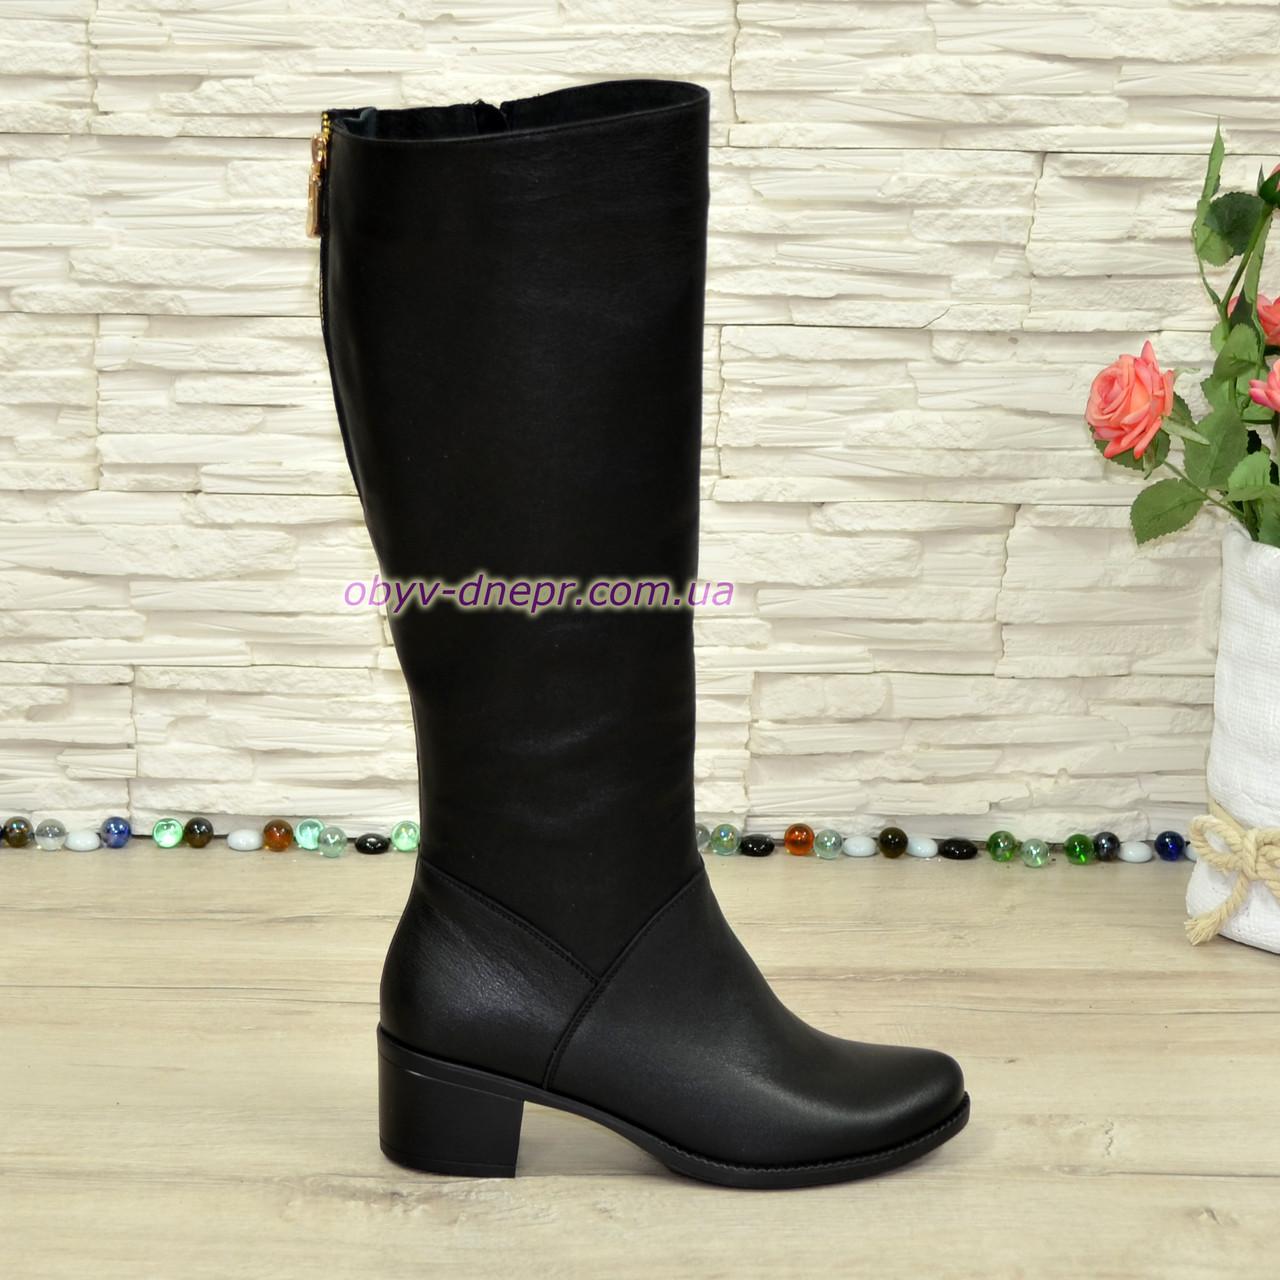 Женские кожаные сапоги демисезонные на устойчивом каблуке.